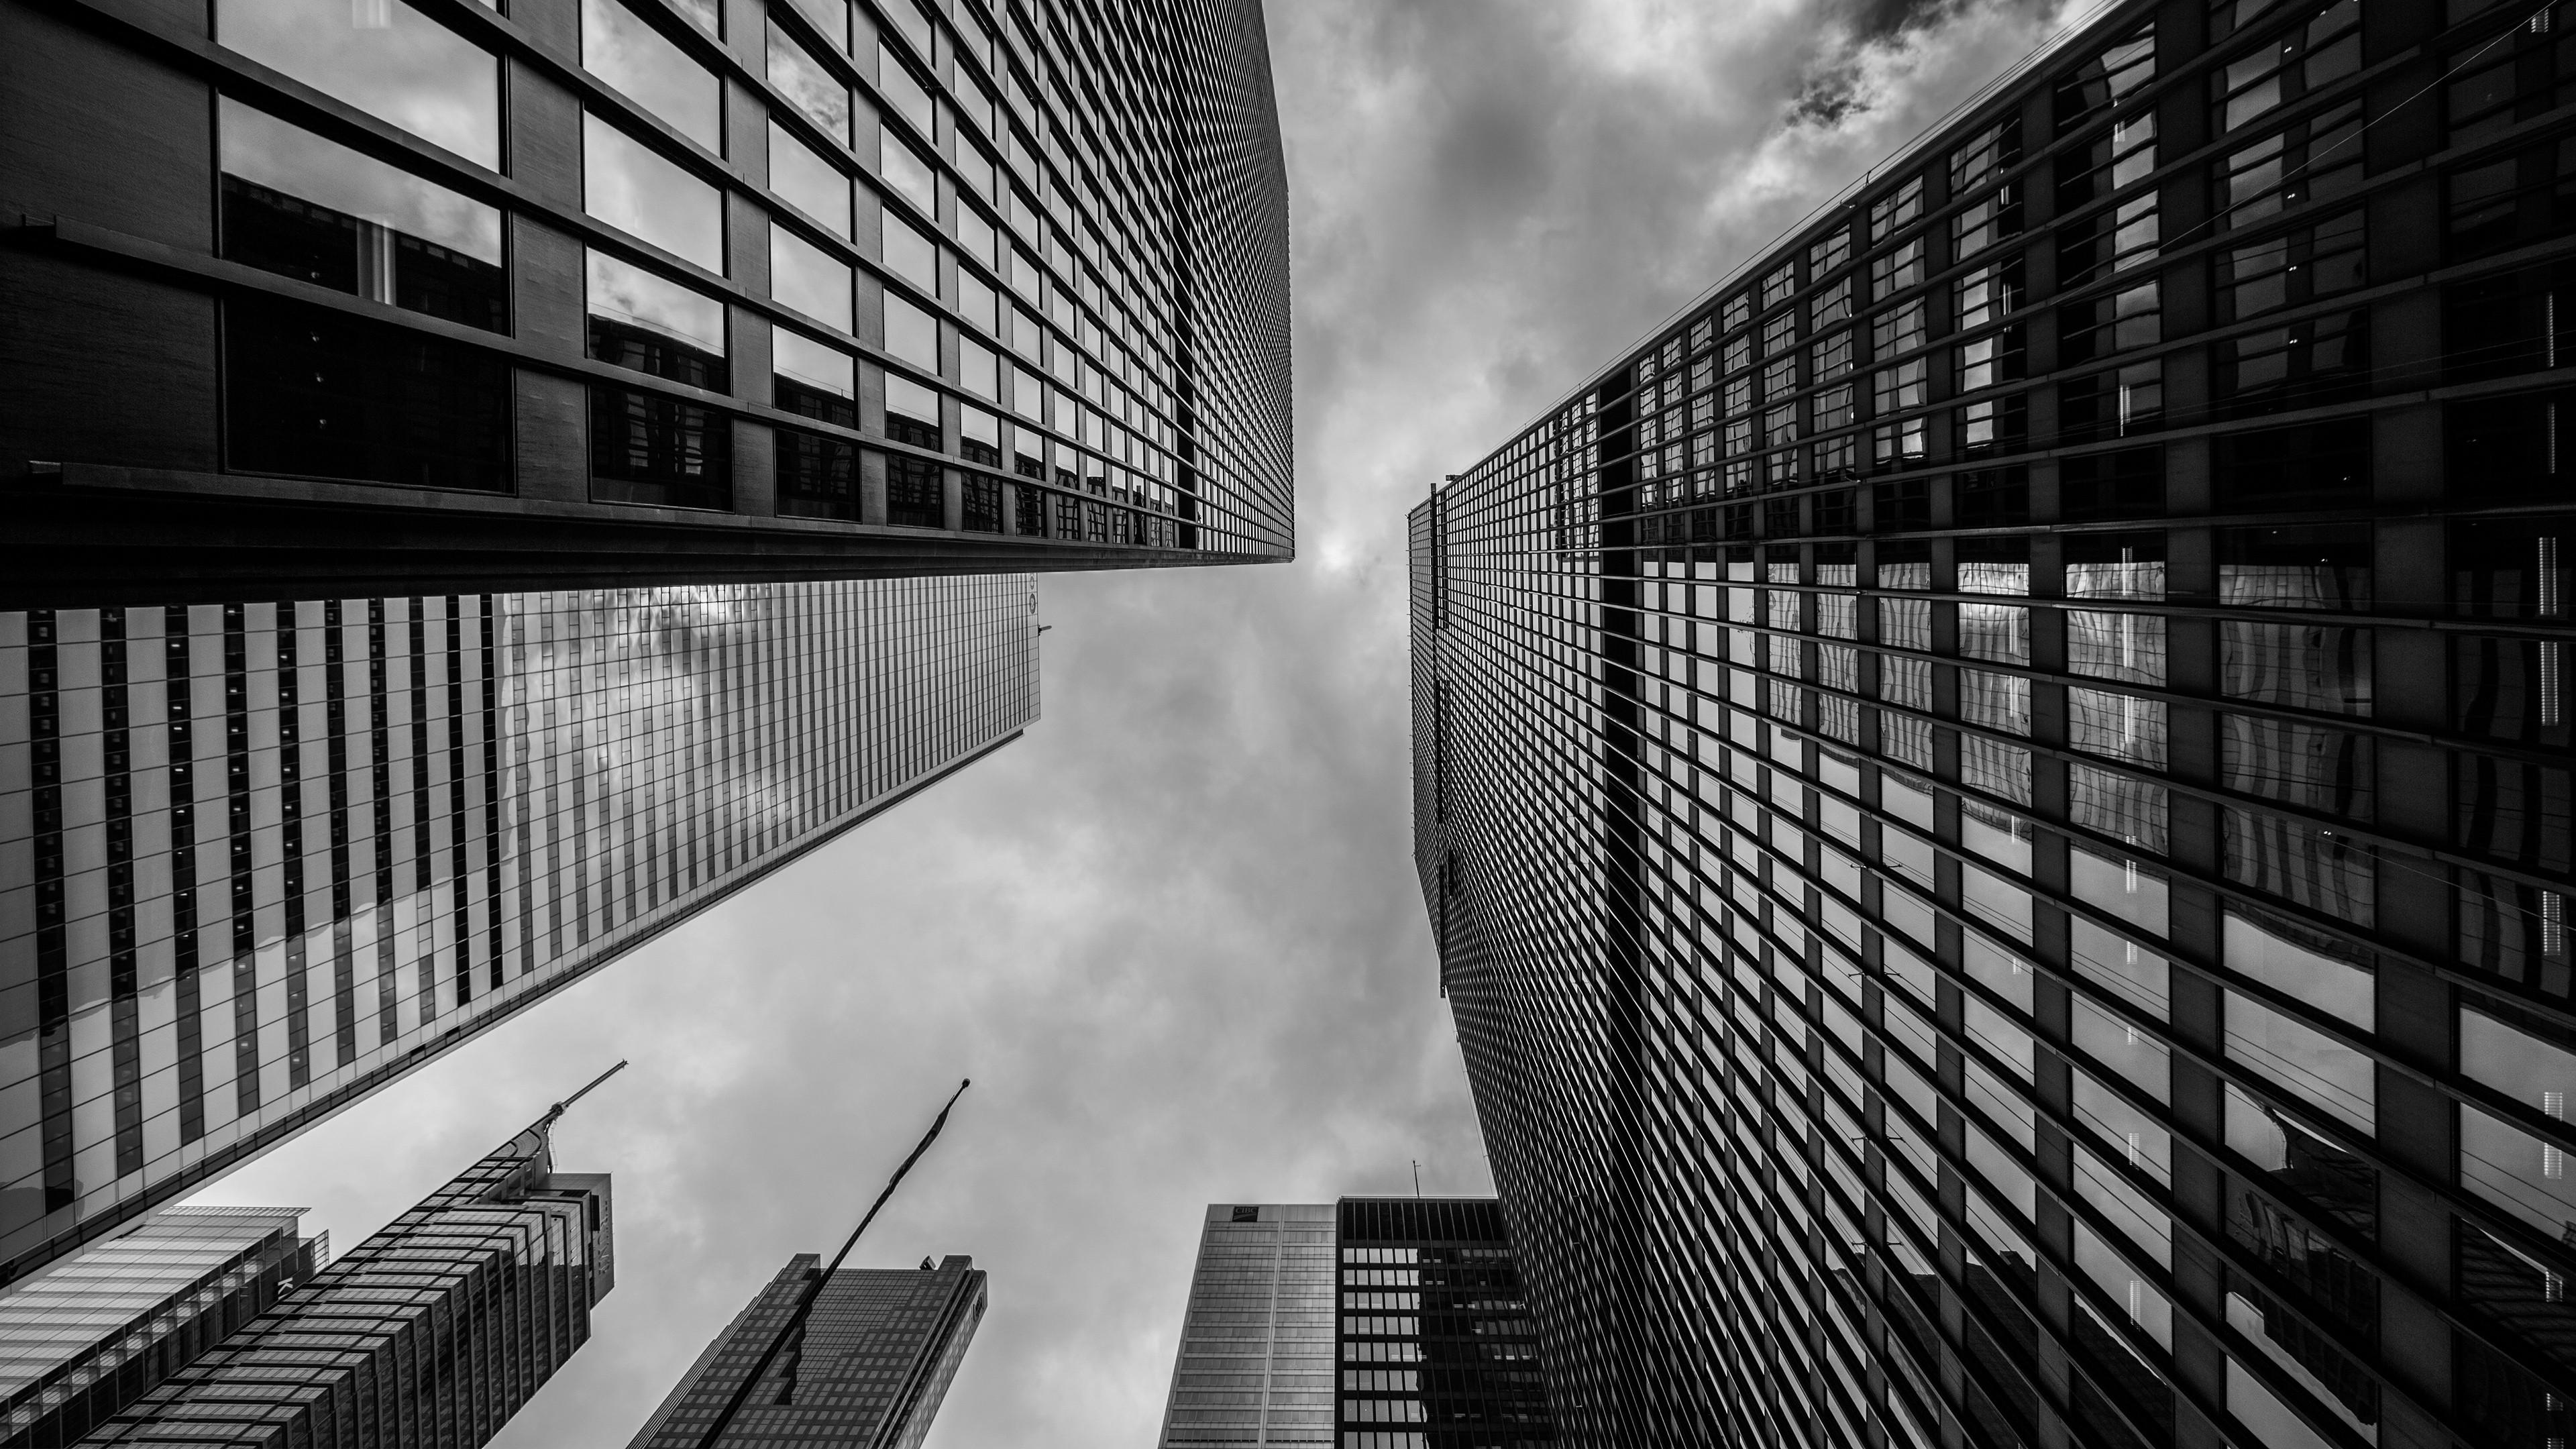 Fondos de pantalla monocromo paisaje urbano - Fotografia arquitectura ...